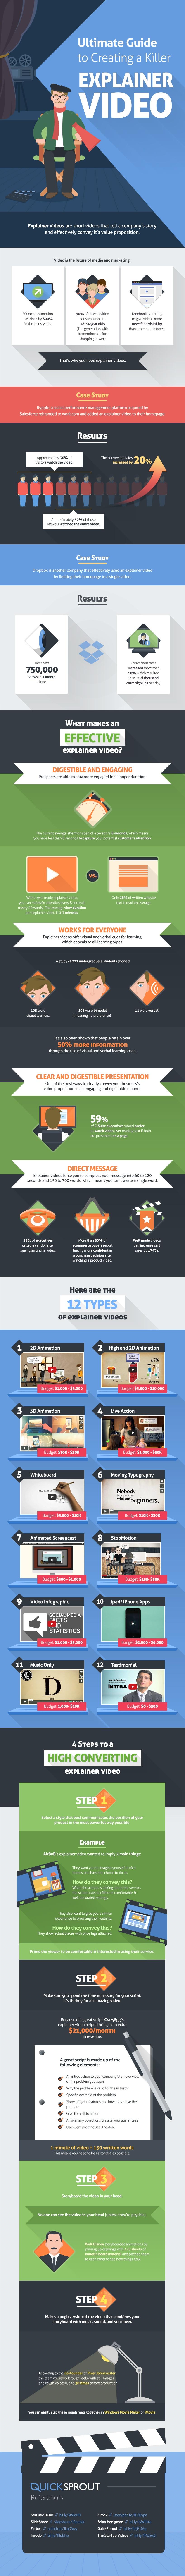 explainer-video-infographic.jpg